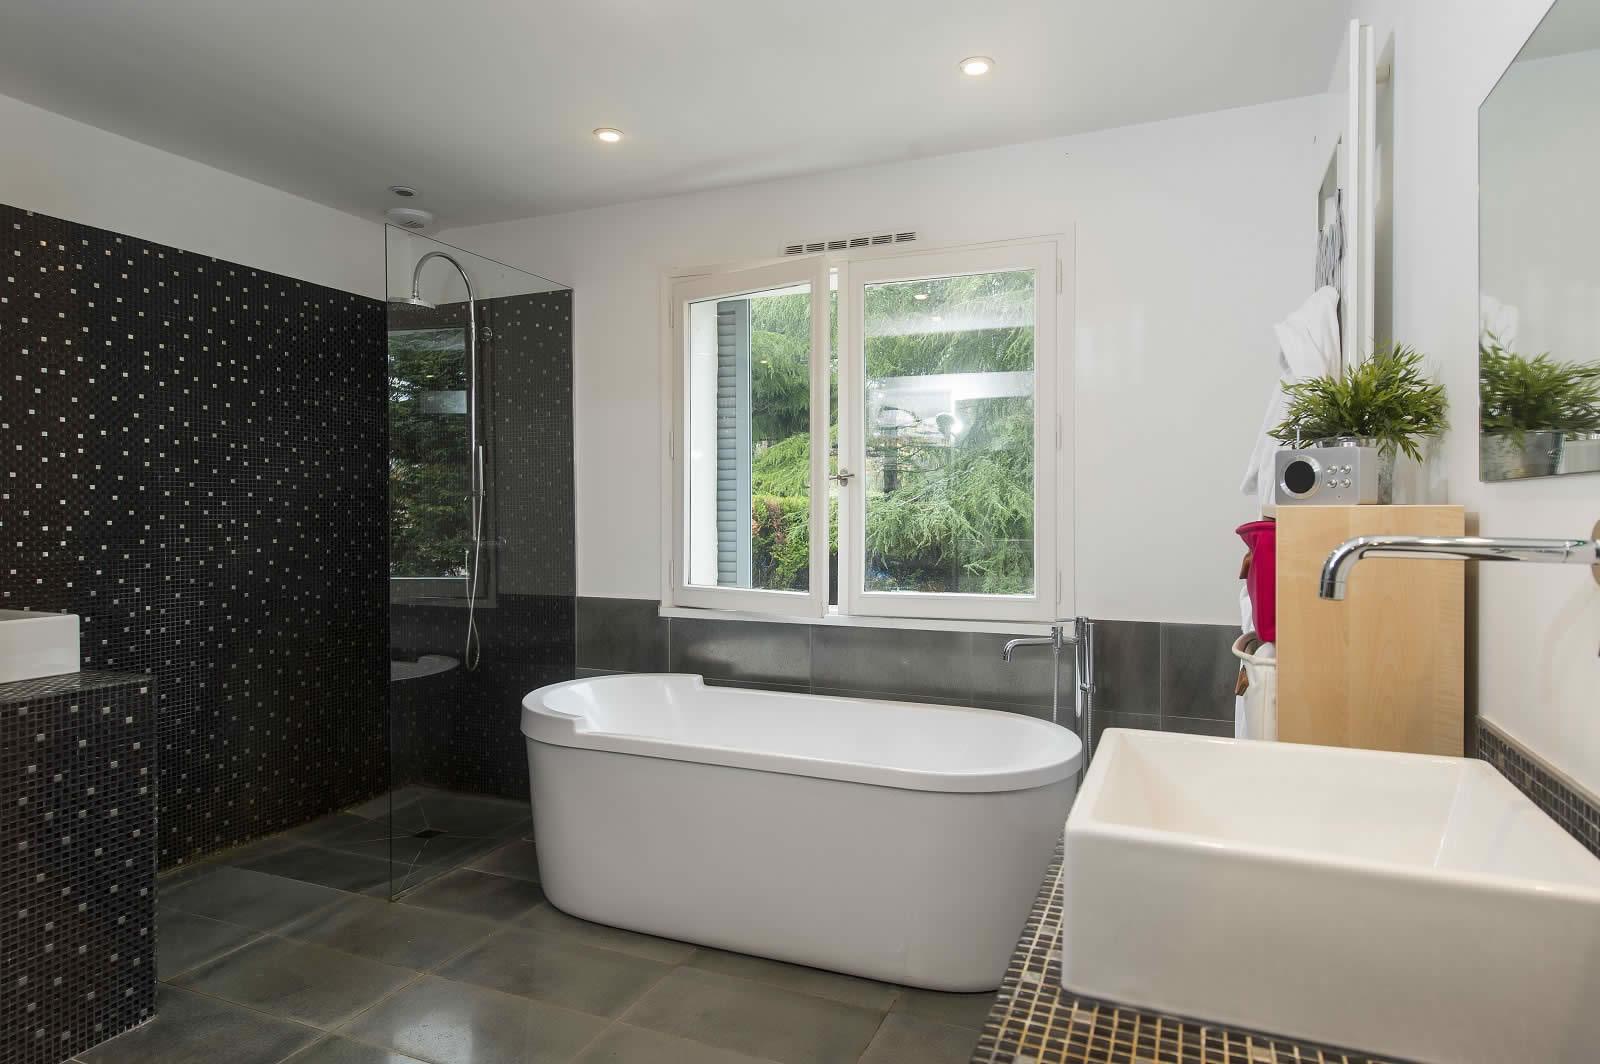 maison-famille-a-vendre-jardin-piscine-chauffee-charbonnieres-les-bains